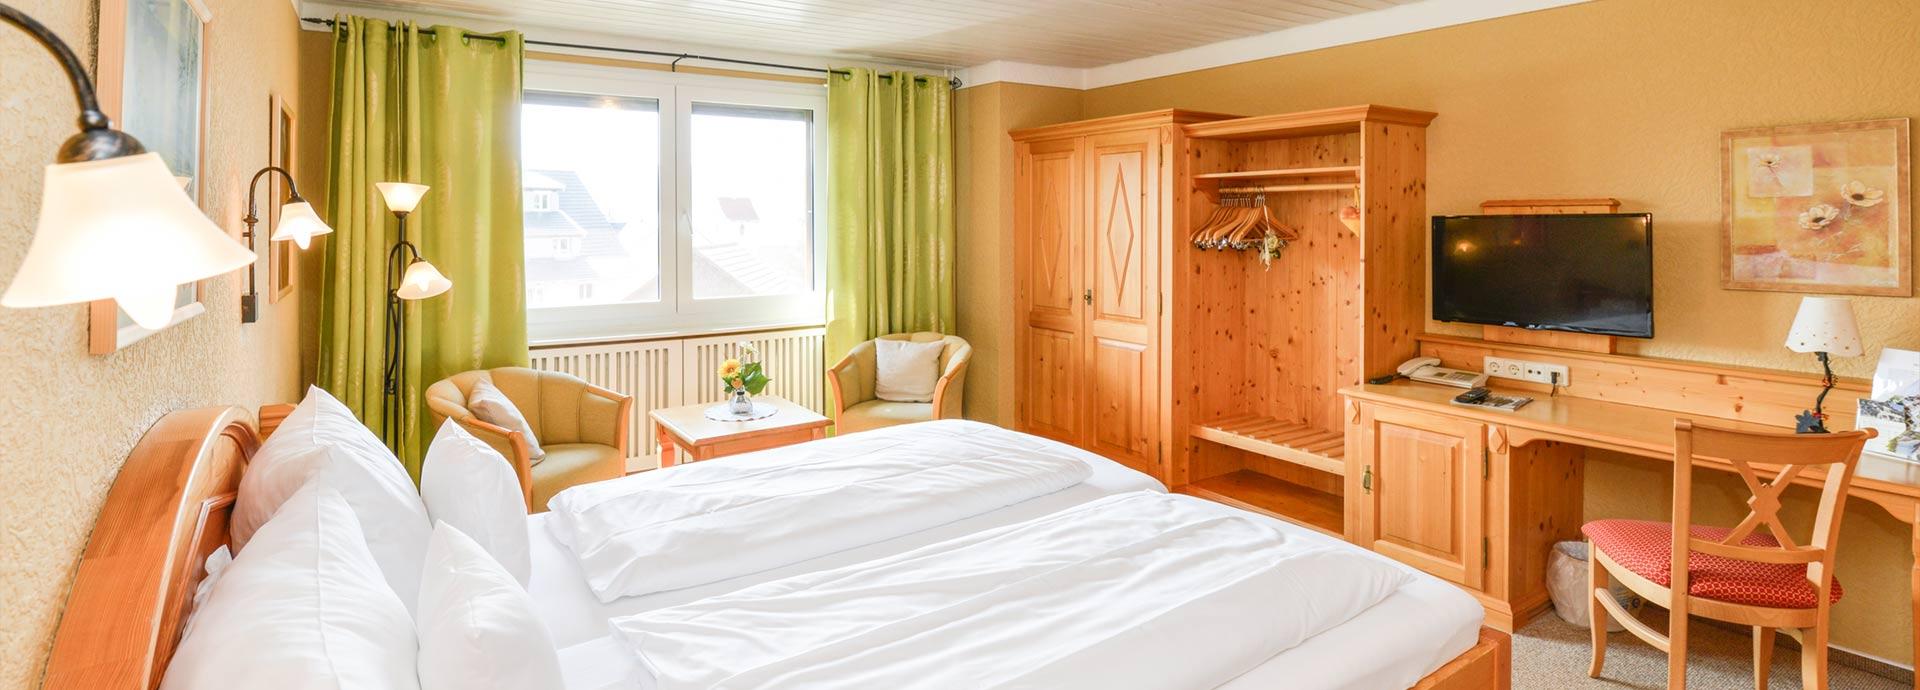 Zimmer im Kellhof Hotel-Garni | Günstige Unterkunft am Bodensee